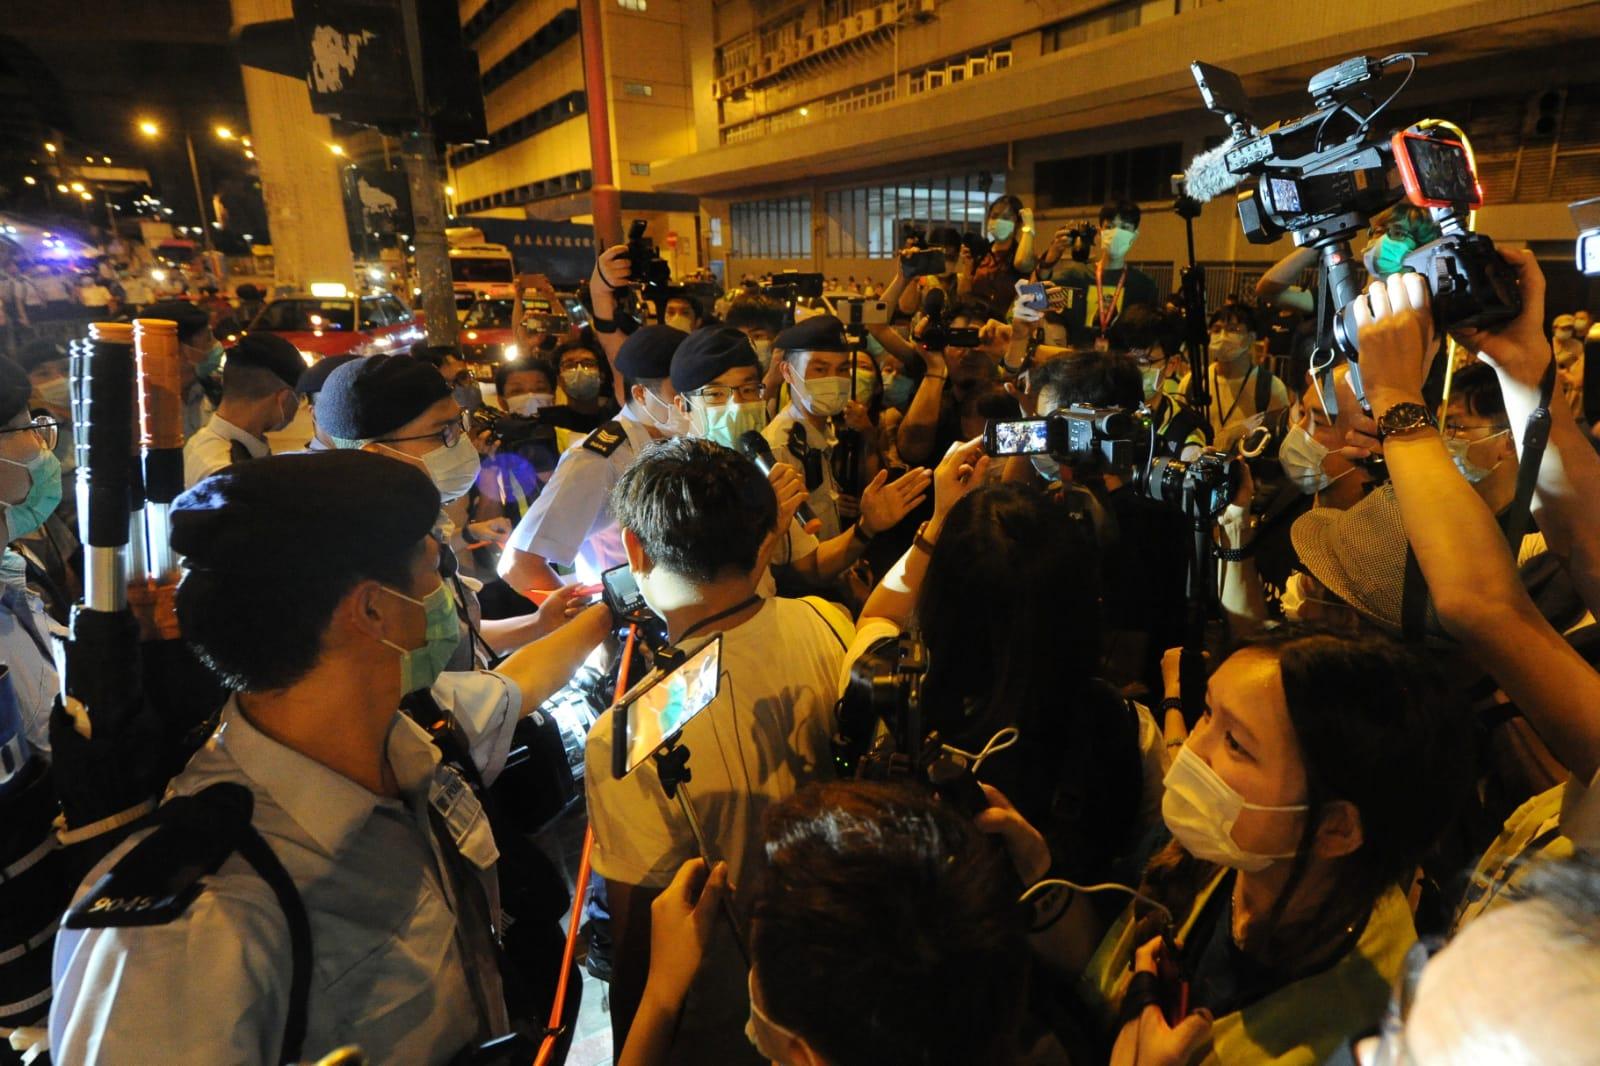 約三十多名警員到場,要求在場人士離開。(宋碧龍/大紀元)